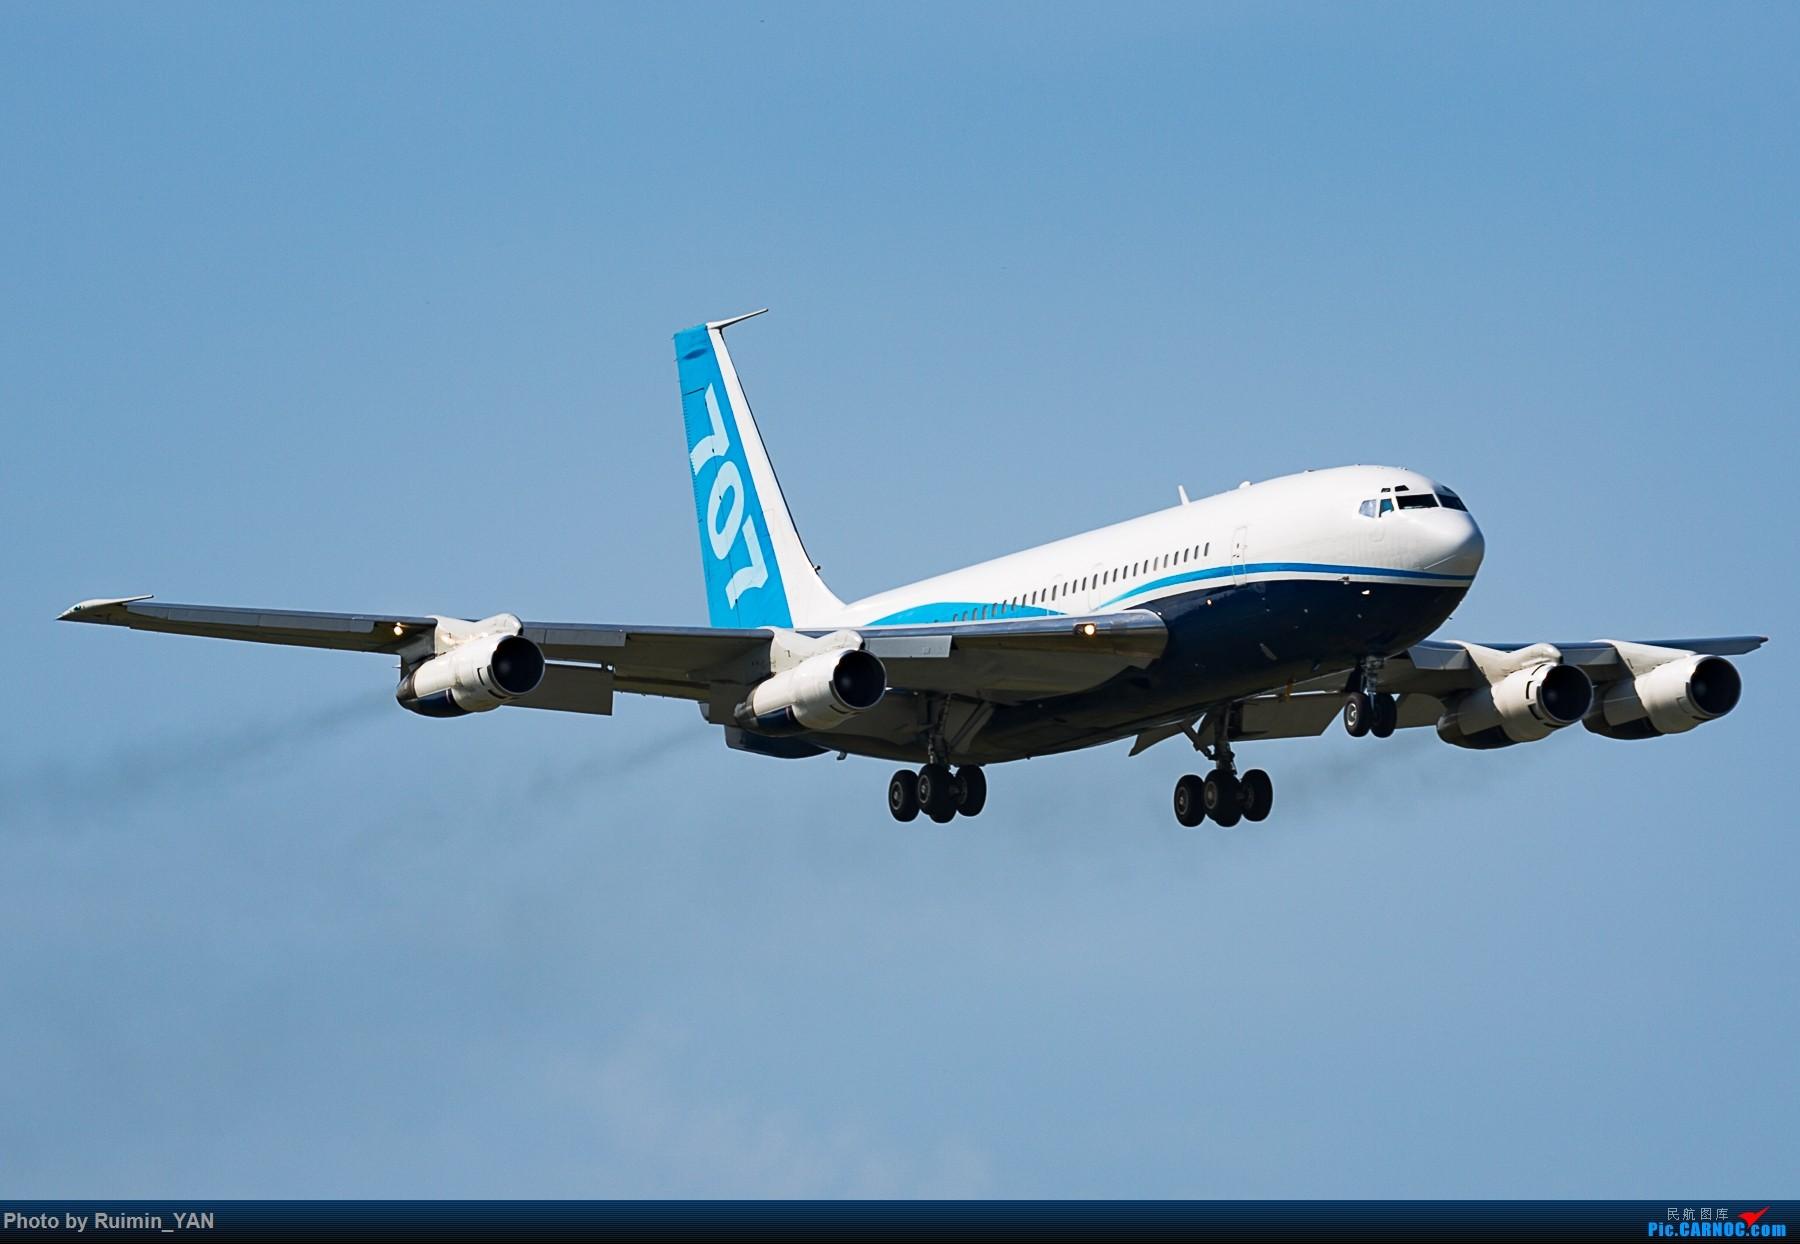 [原创]【PEK】【砖机】【波音707】刚果民主共和国总统卡比拉 刚果金政府(Democratic Republic of the Congo) 9Q-CLK B701 BOEING 707-100 9Q-CLK 中国北京首都国际机场